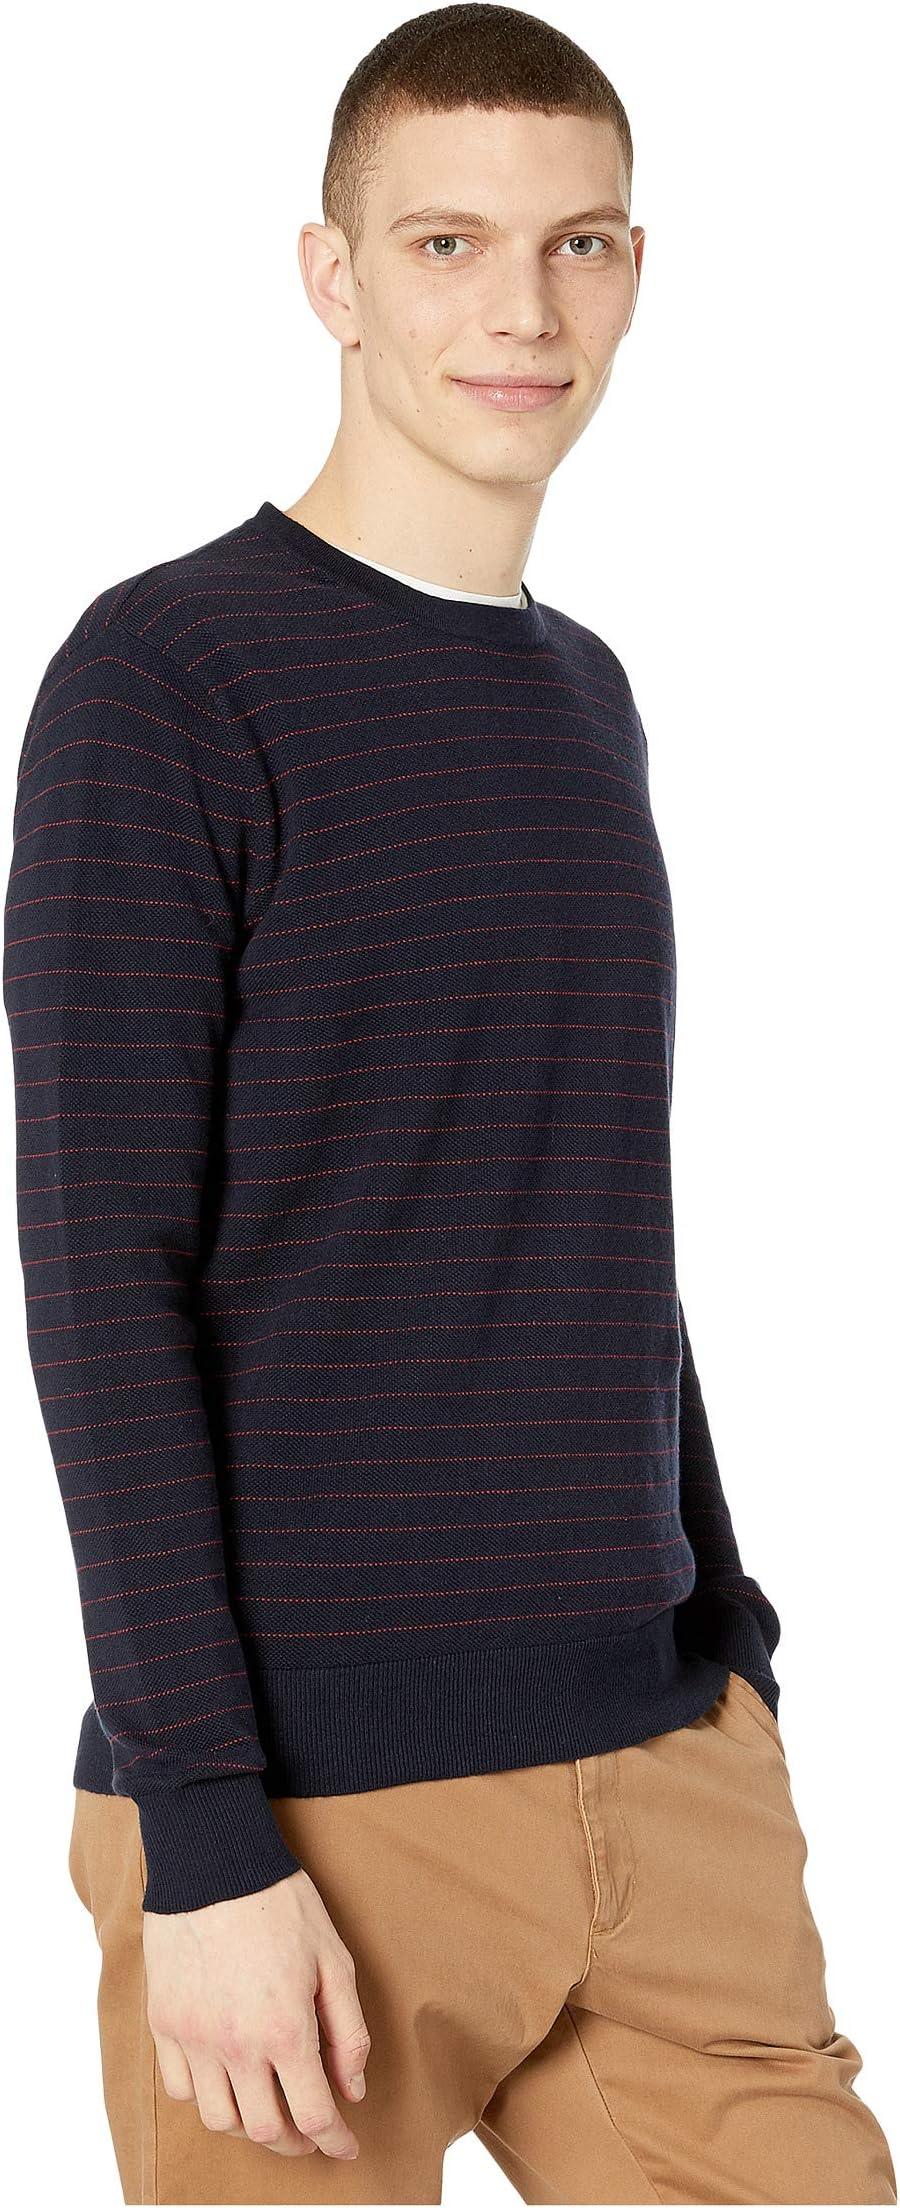 J.Crew Cotton-Cashmere Piqué Line Stripe Crewneck Sweater AtiL4